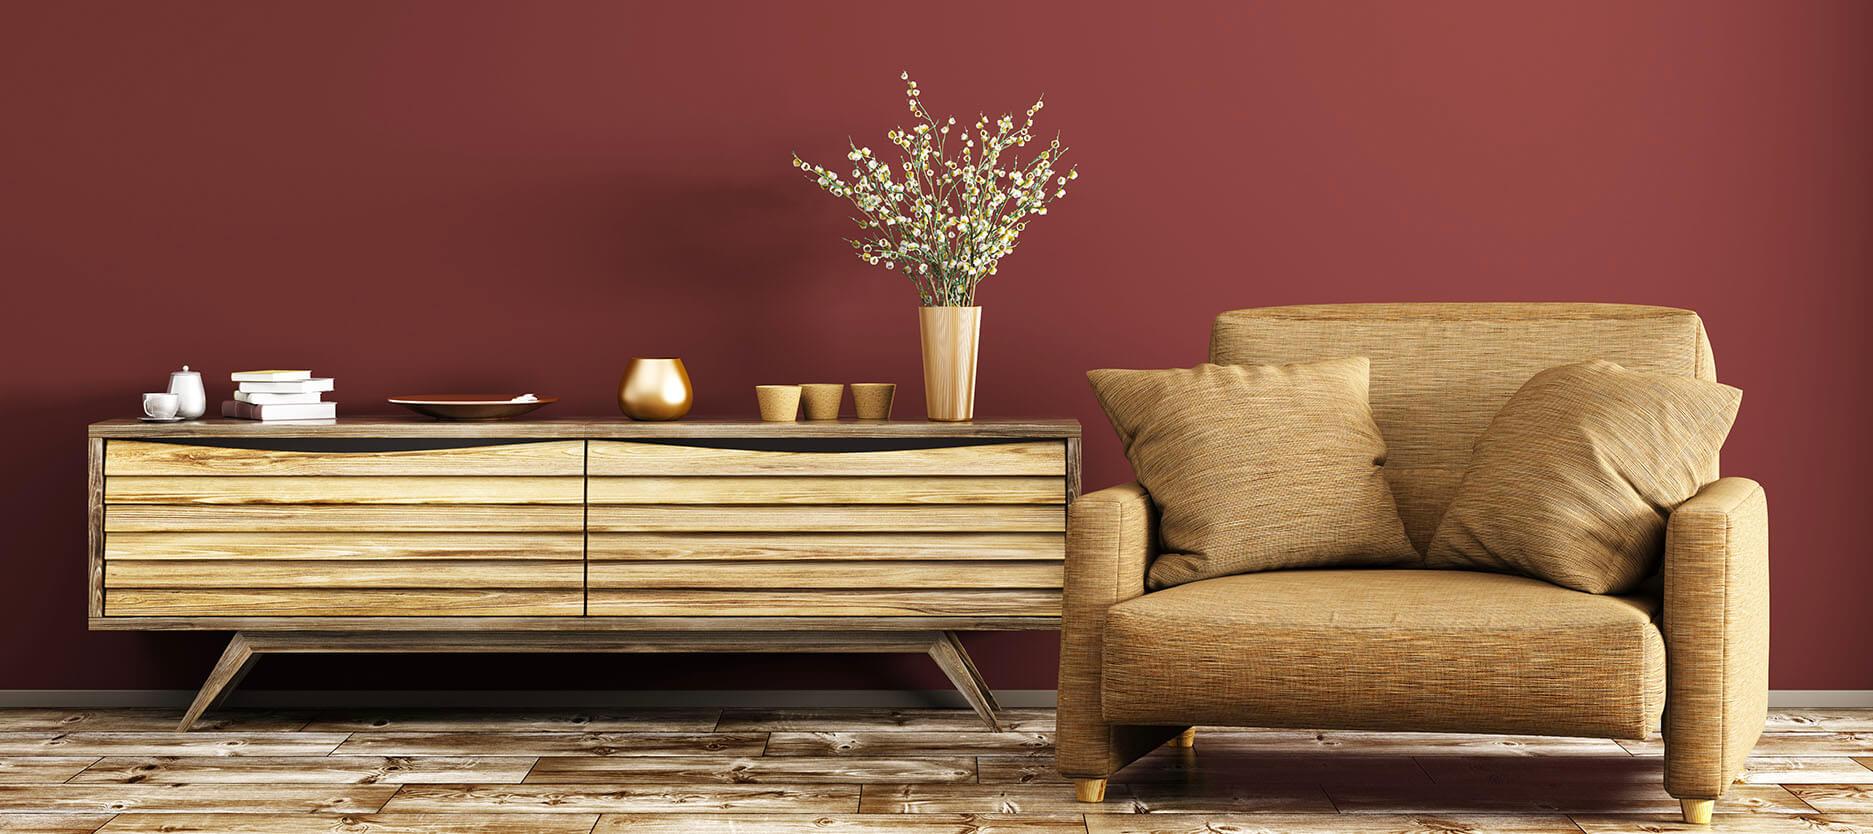 oturma odası için uygun duvar renkleri nelerdir